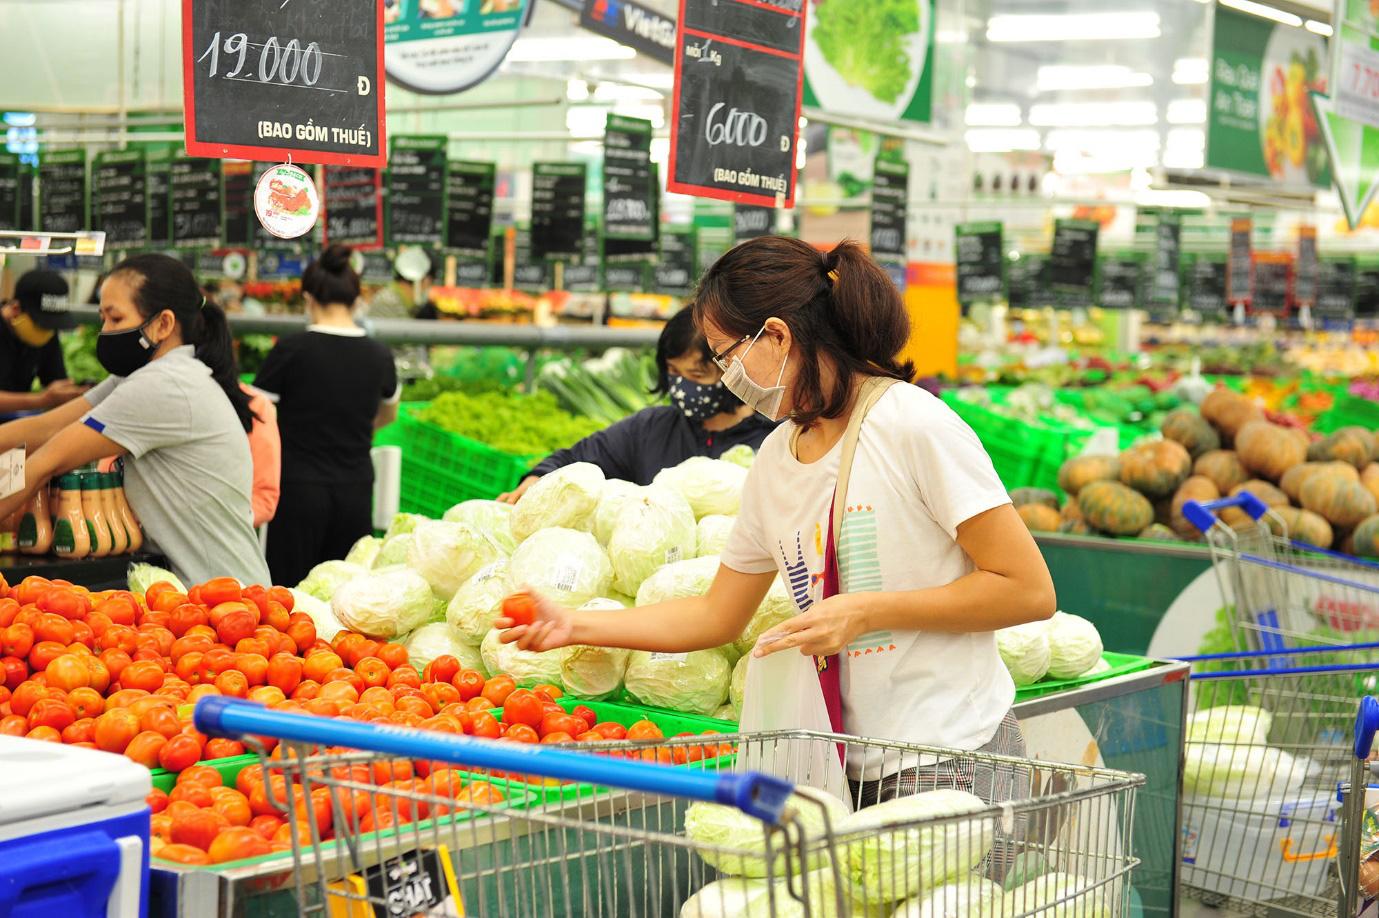 Dịch COVID-19 thay đổi thói quen mua sắm của người tiêu dùng - Ảnh 2.